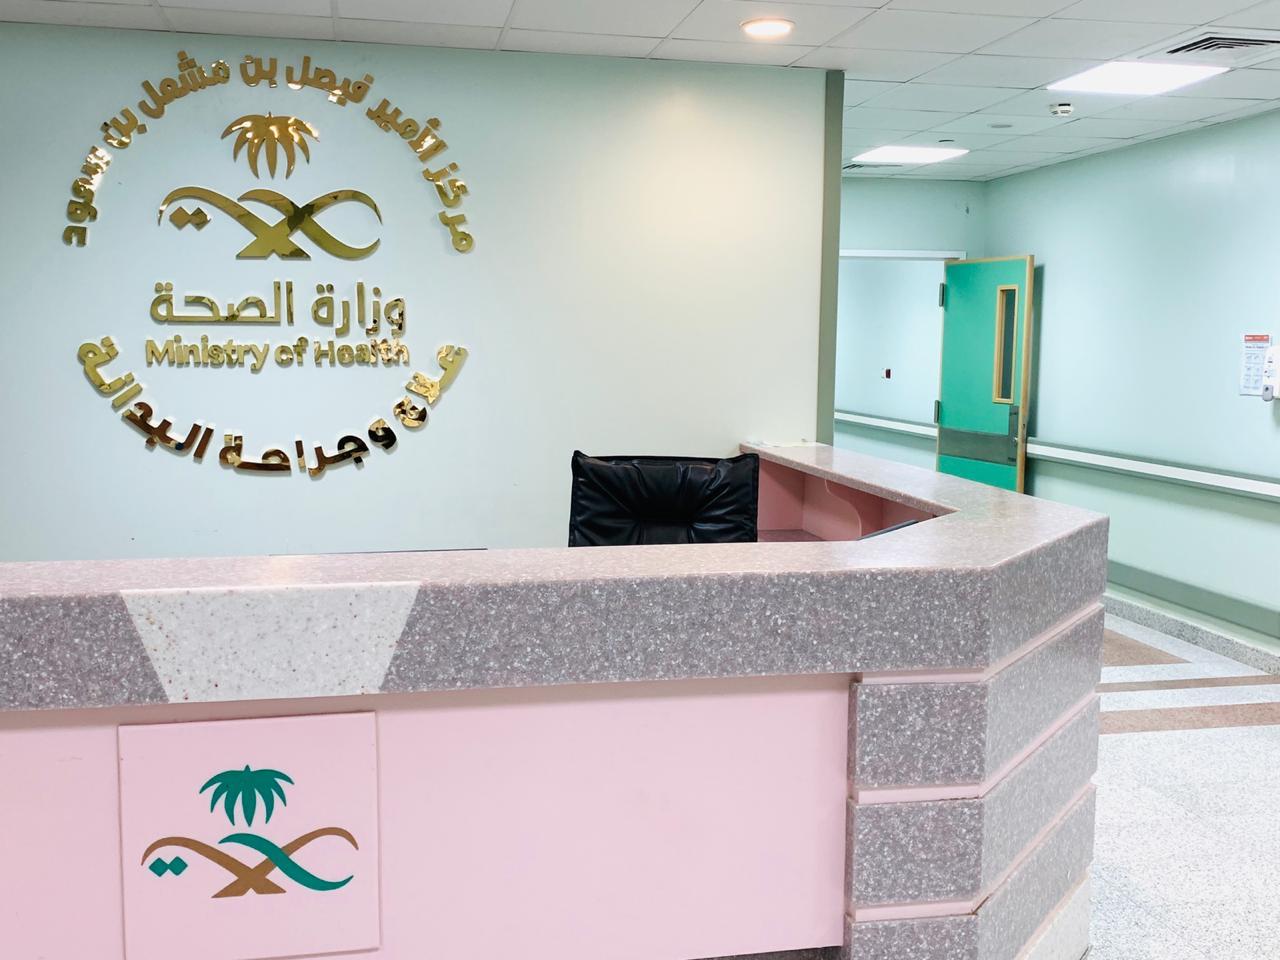 مركز الأمير فيصل بن مشعل لعلاج وجراحة البدانة يجري 80 عملية تكميم في 6 أشهر